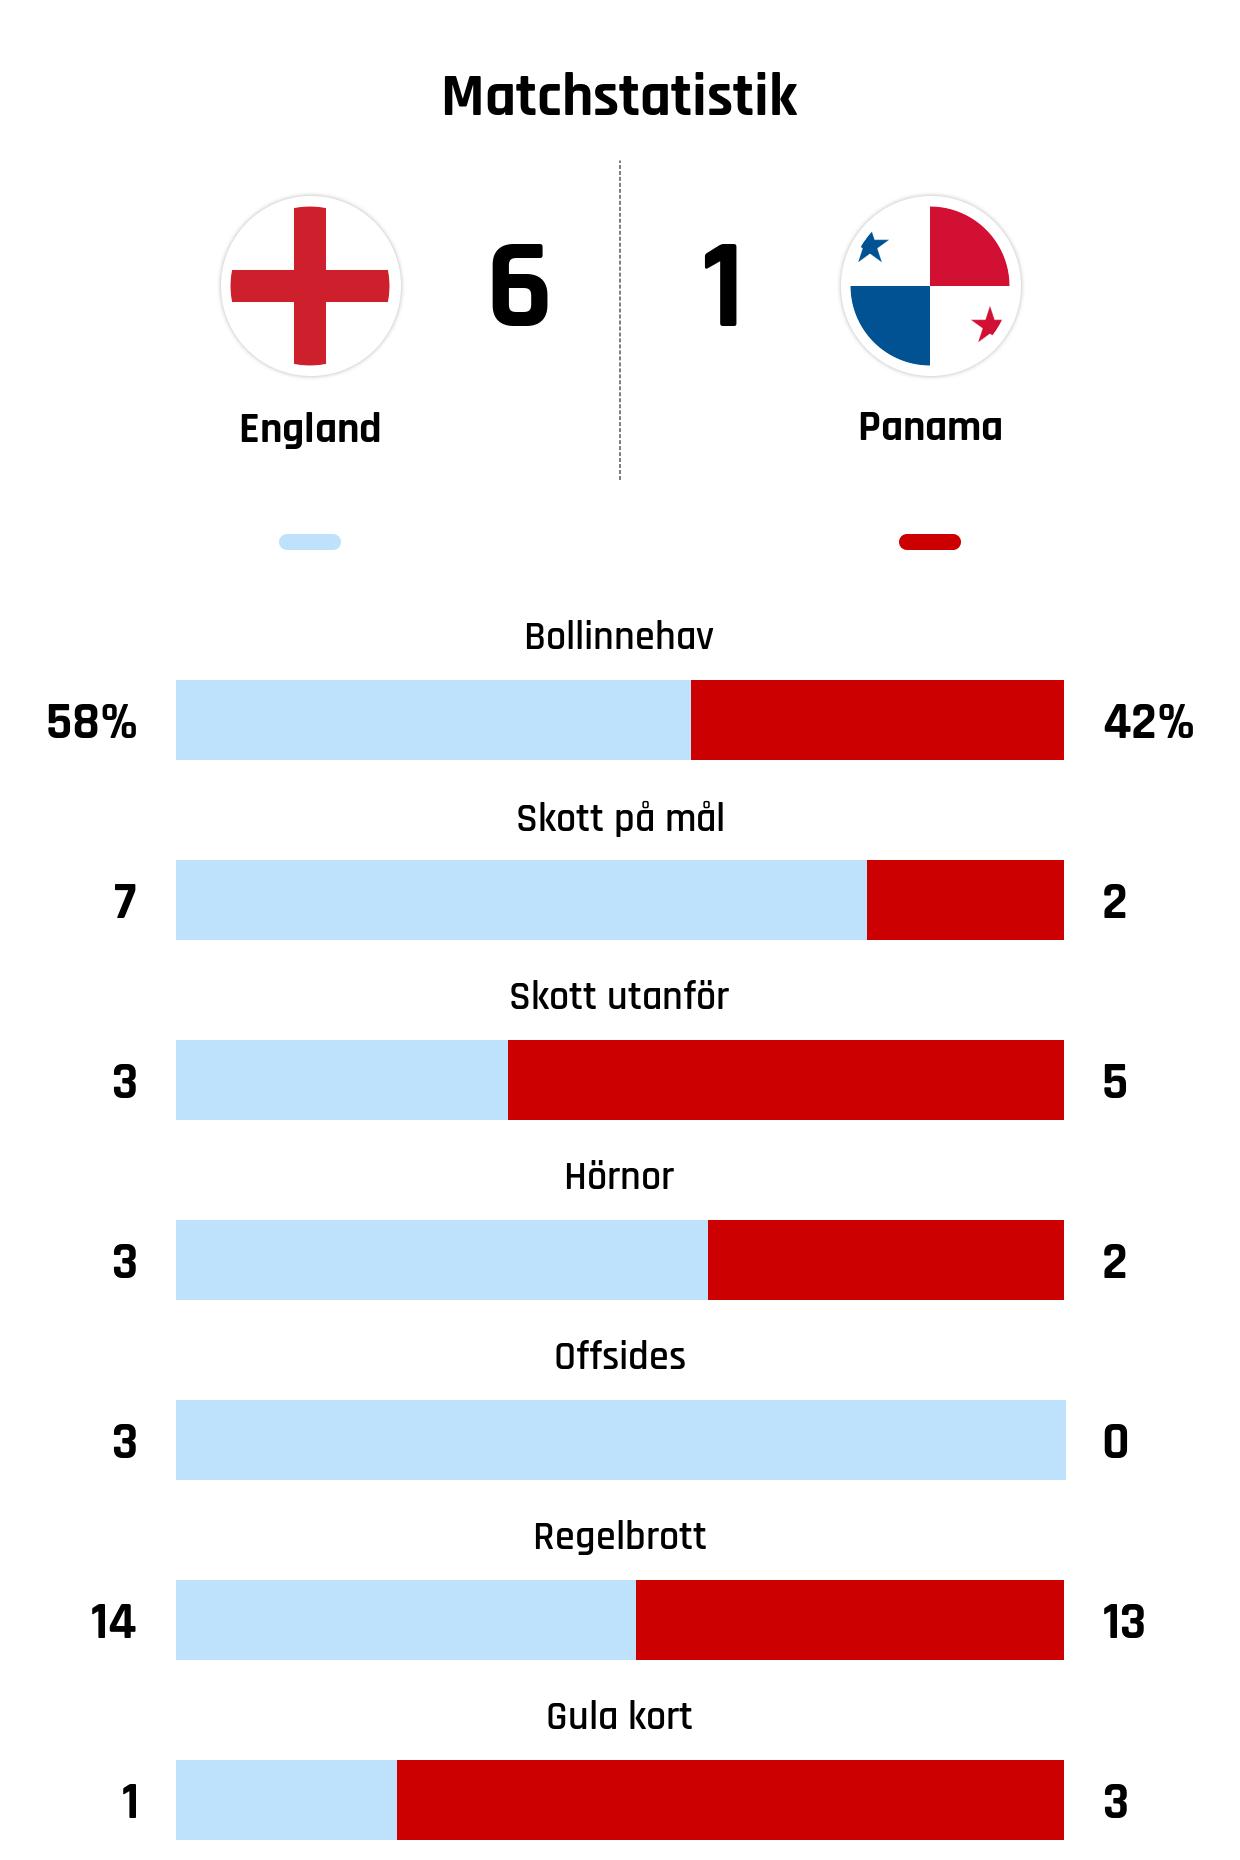 Bollinnehav 58%-42%<br /> Skott på mål 7-2<br /> Skott utanför 3-5<br /> Hörnor 3-2<br /> Offsides 3-0<br /> Regelbrott 14-13<br /> Gula kort 1-3